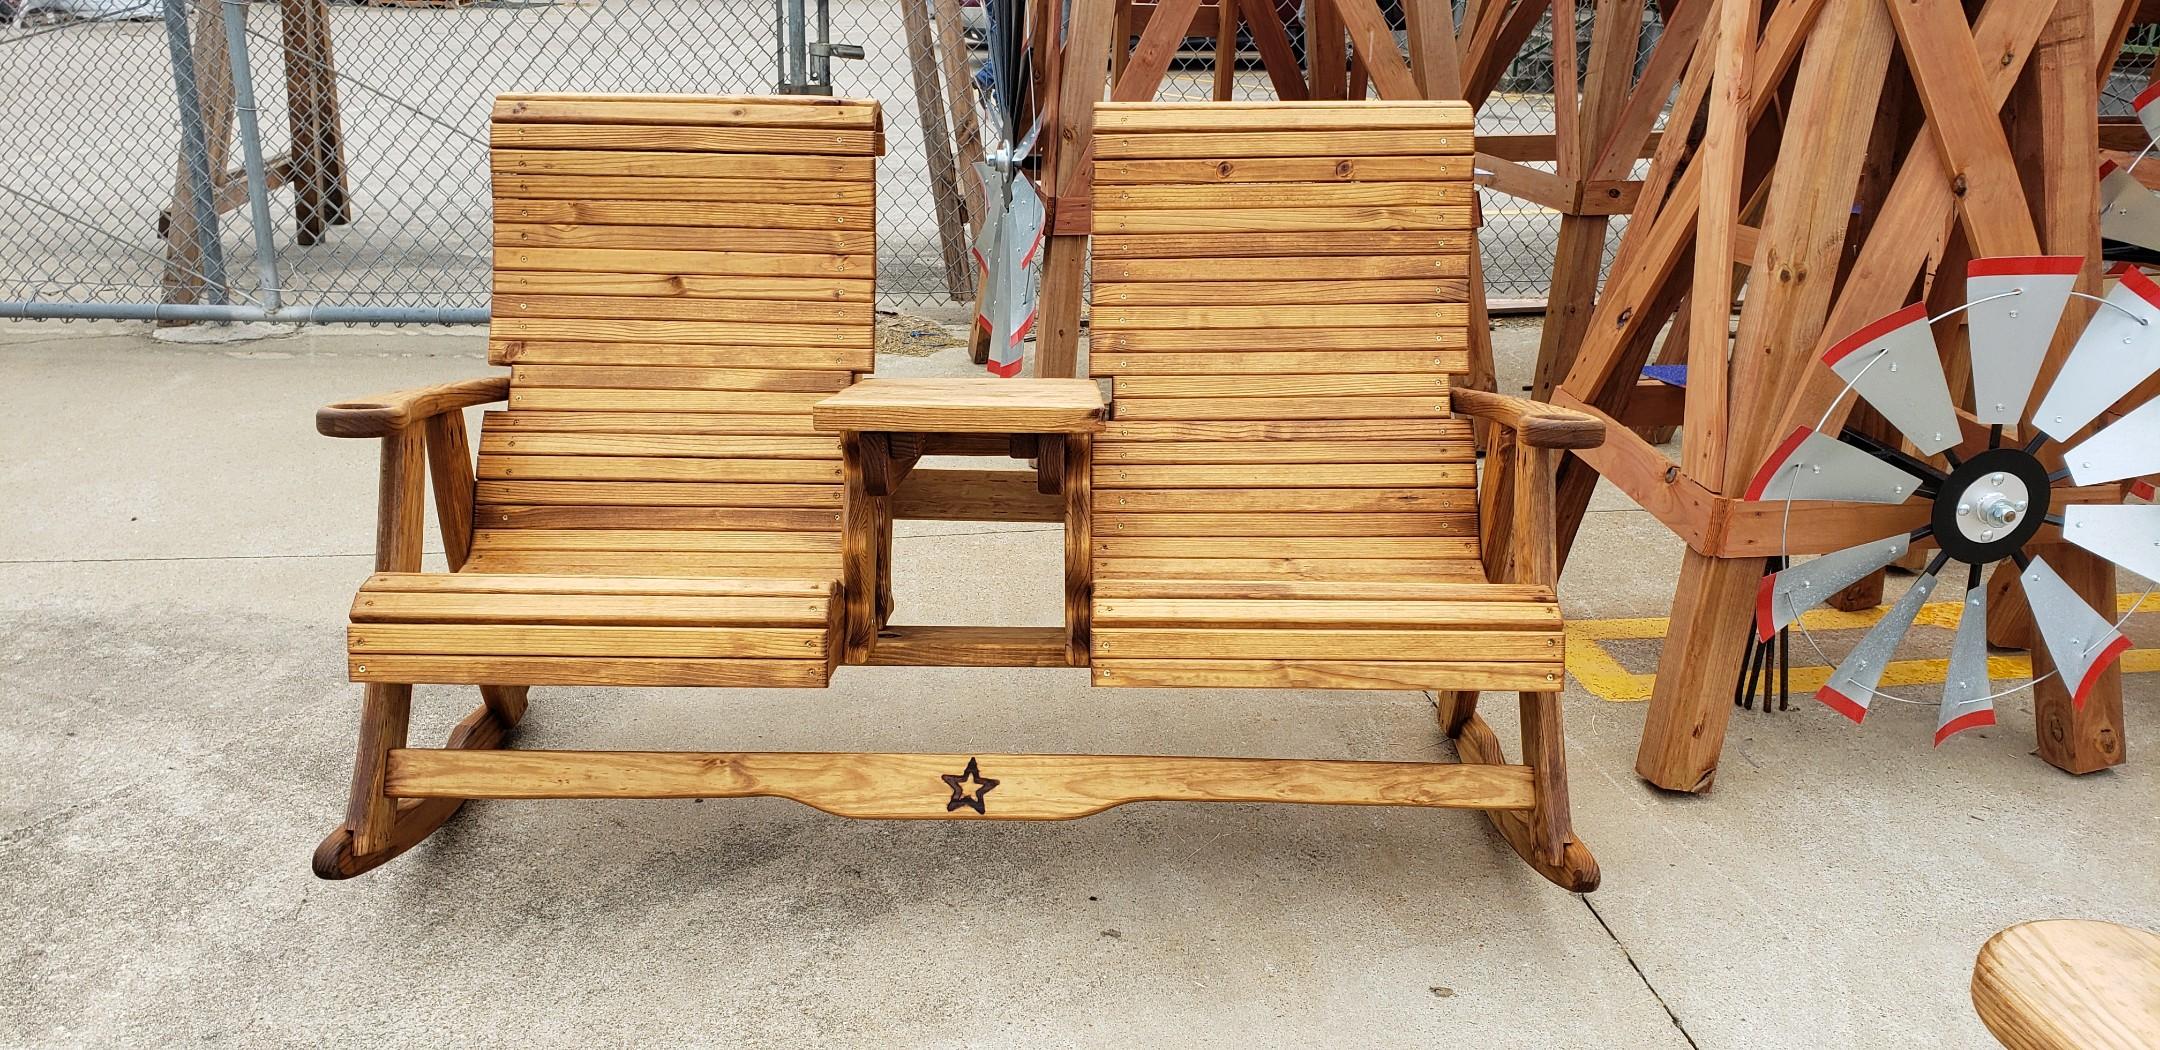 Sawdust & Splinters Wood Furniture